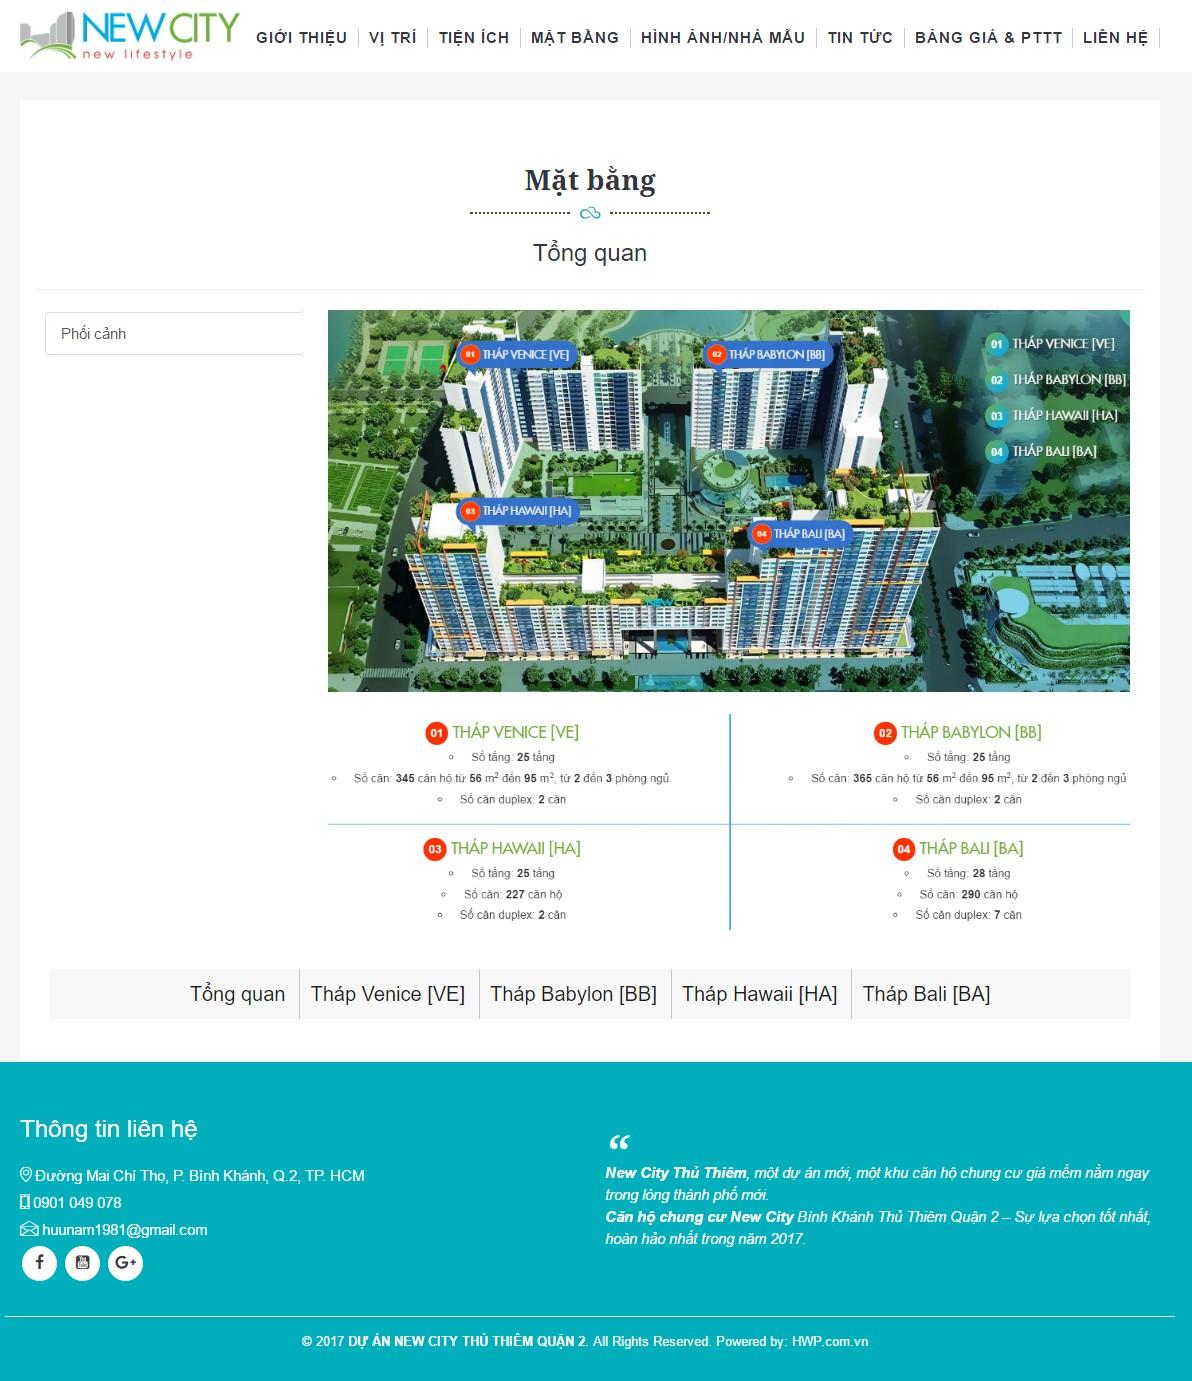 Thiết kế web bất động sản 1 dự án NEW CITY THỦ THIÊM